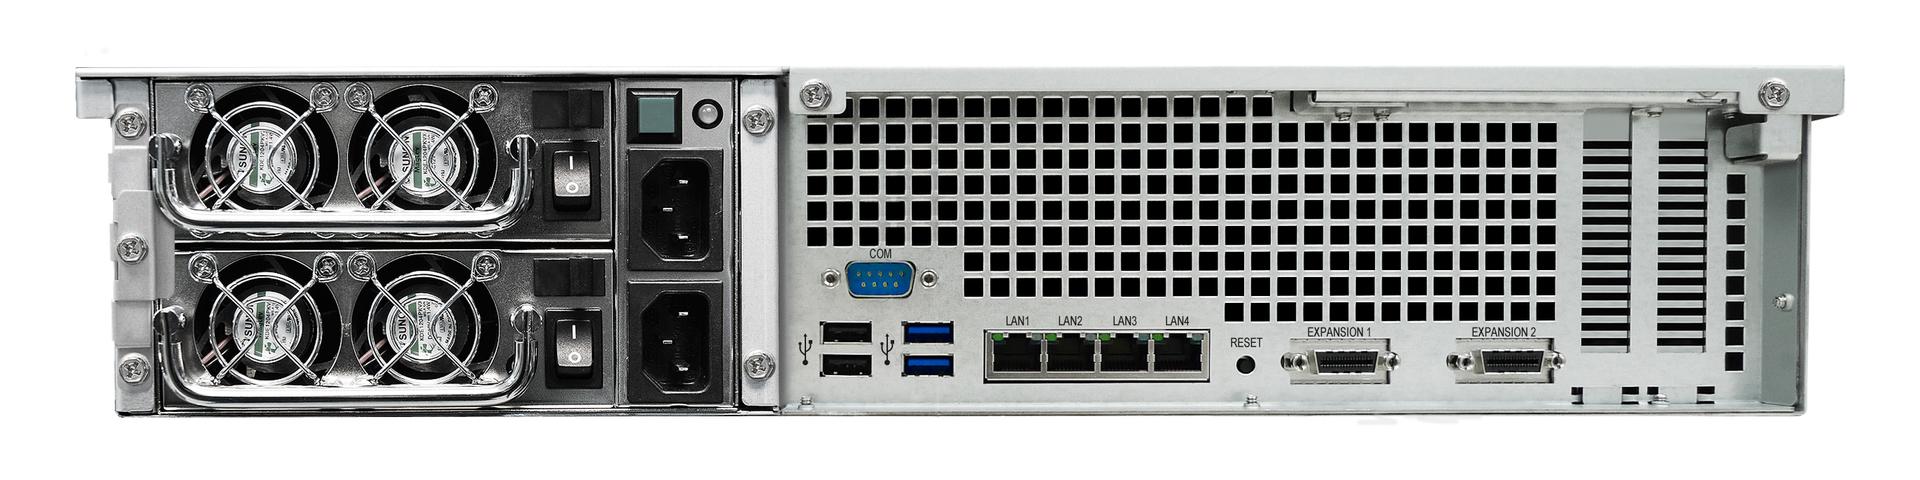 Компания Synology® представляет RackStation RS3614xs и RS3614RPxs. Оптимальная производительность и надежность для крупного бизнеса